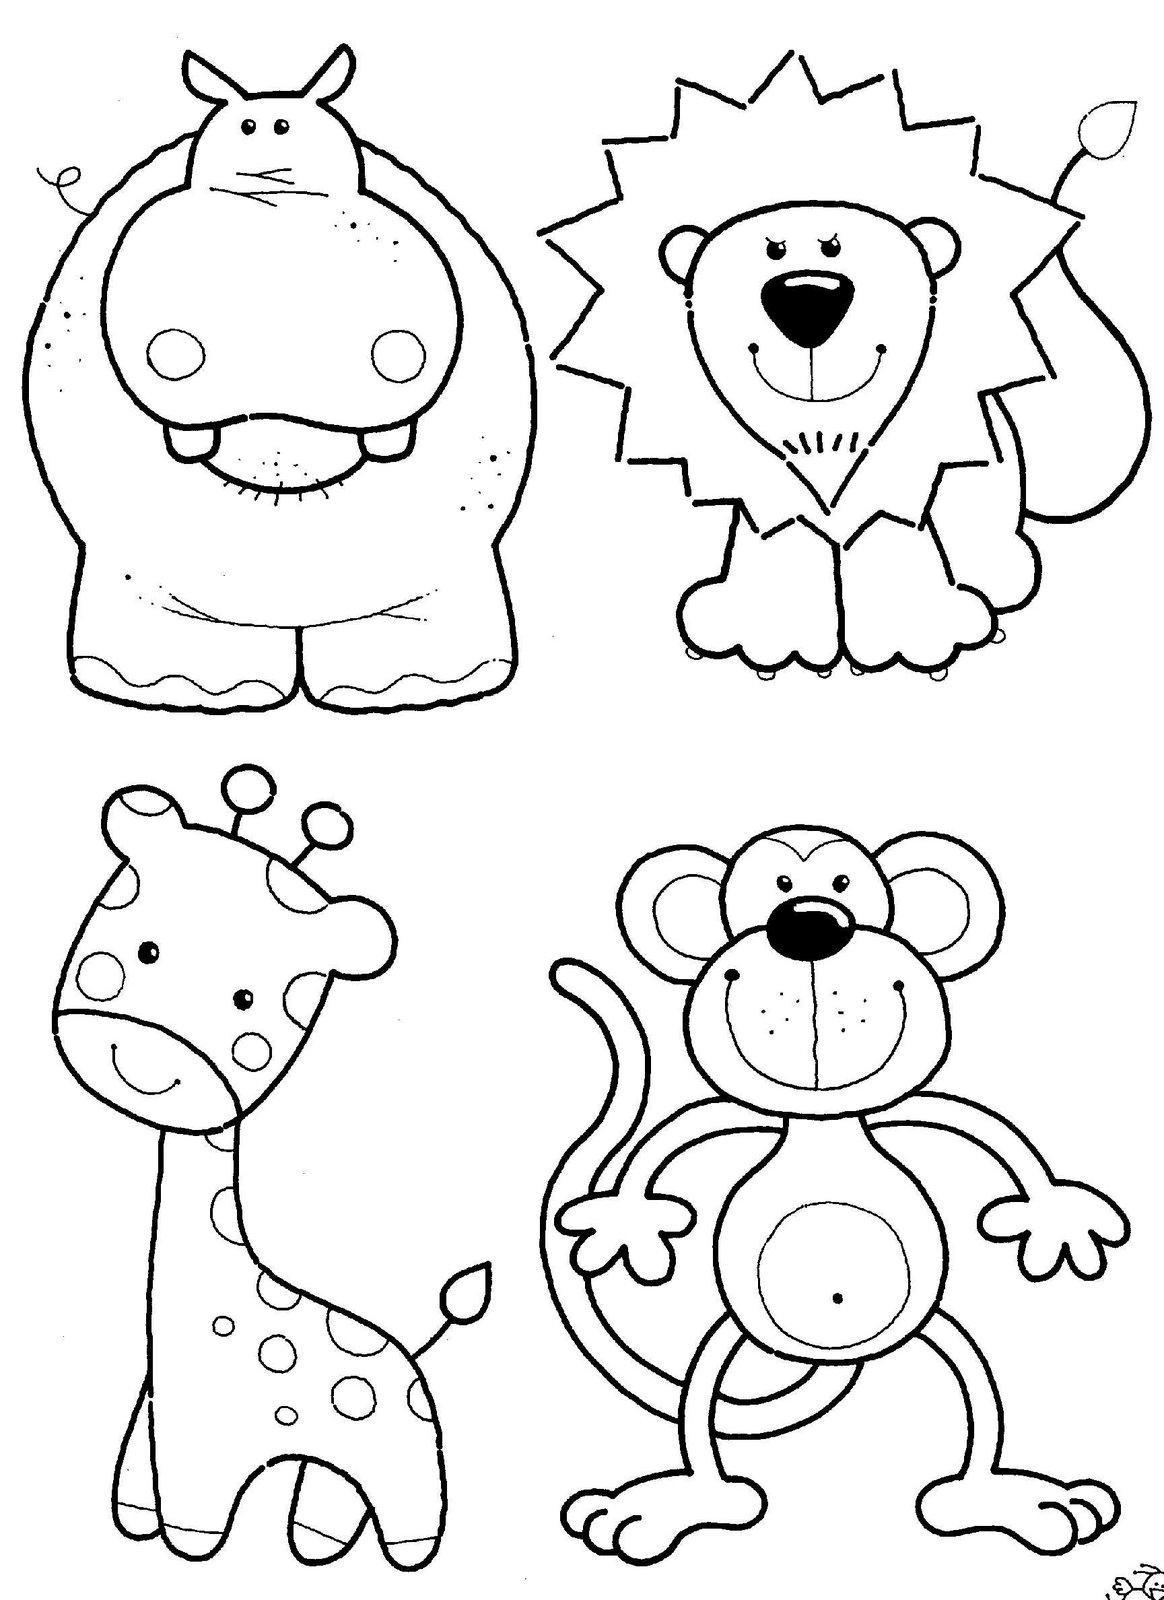 Imagem com vários animais fofos para colorir (Foto: Divulgação)